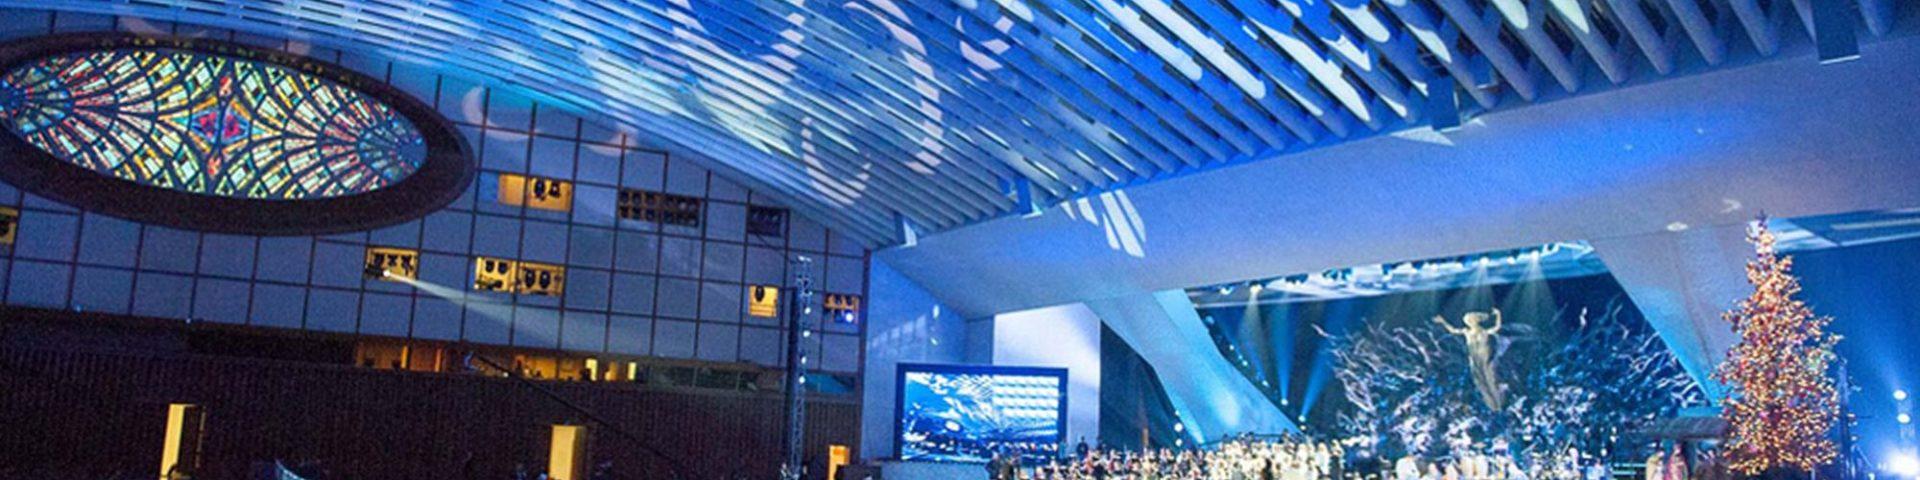 Concerto di Natale in Vaticano 2019 su Canale 5: scaletta e ordine di uscita